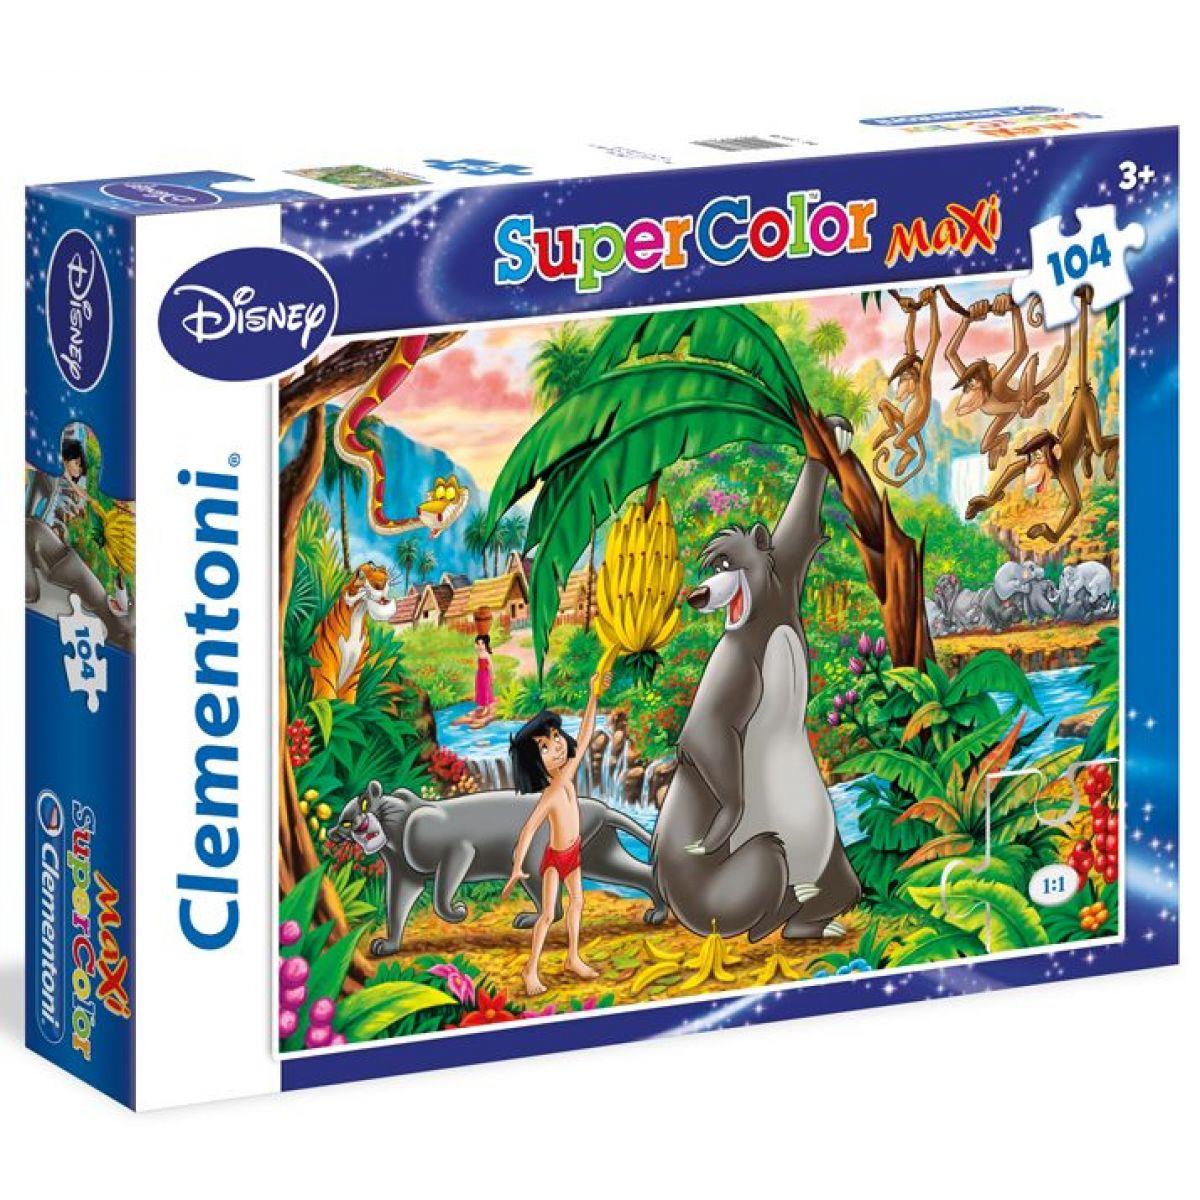 Clementoni Disney Supercolor Kniha Džunglí Puzzle Maxi 104d